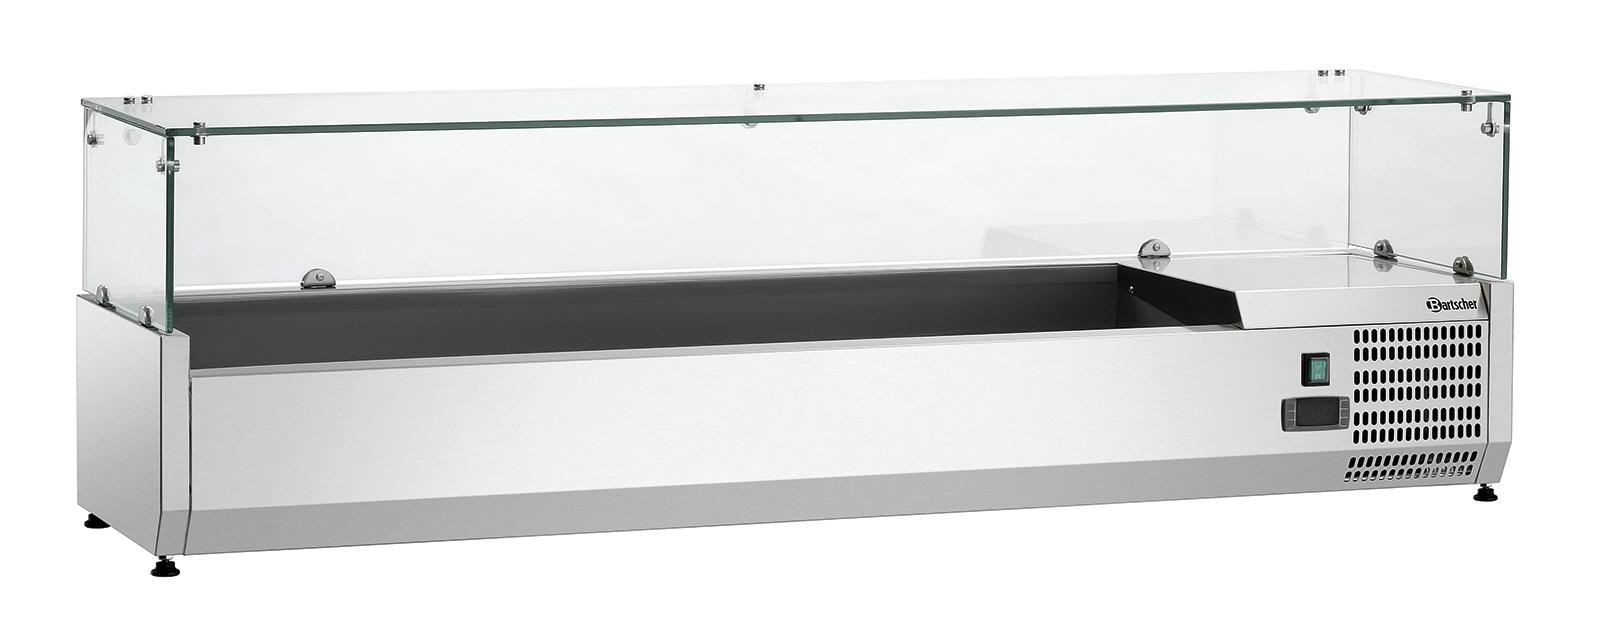 Bartscher Koelopzetvitrine GL3 5x 1/3 + 1x 1/2GN - 150 cm